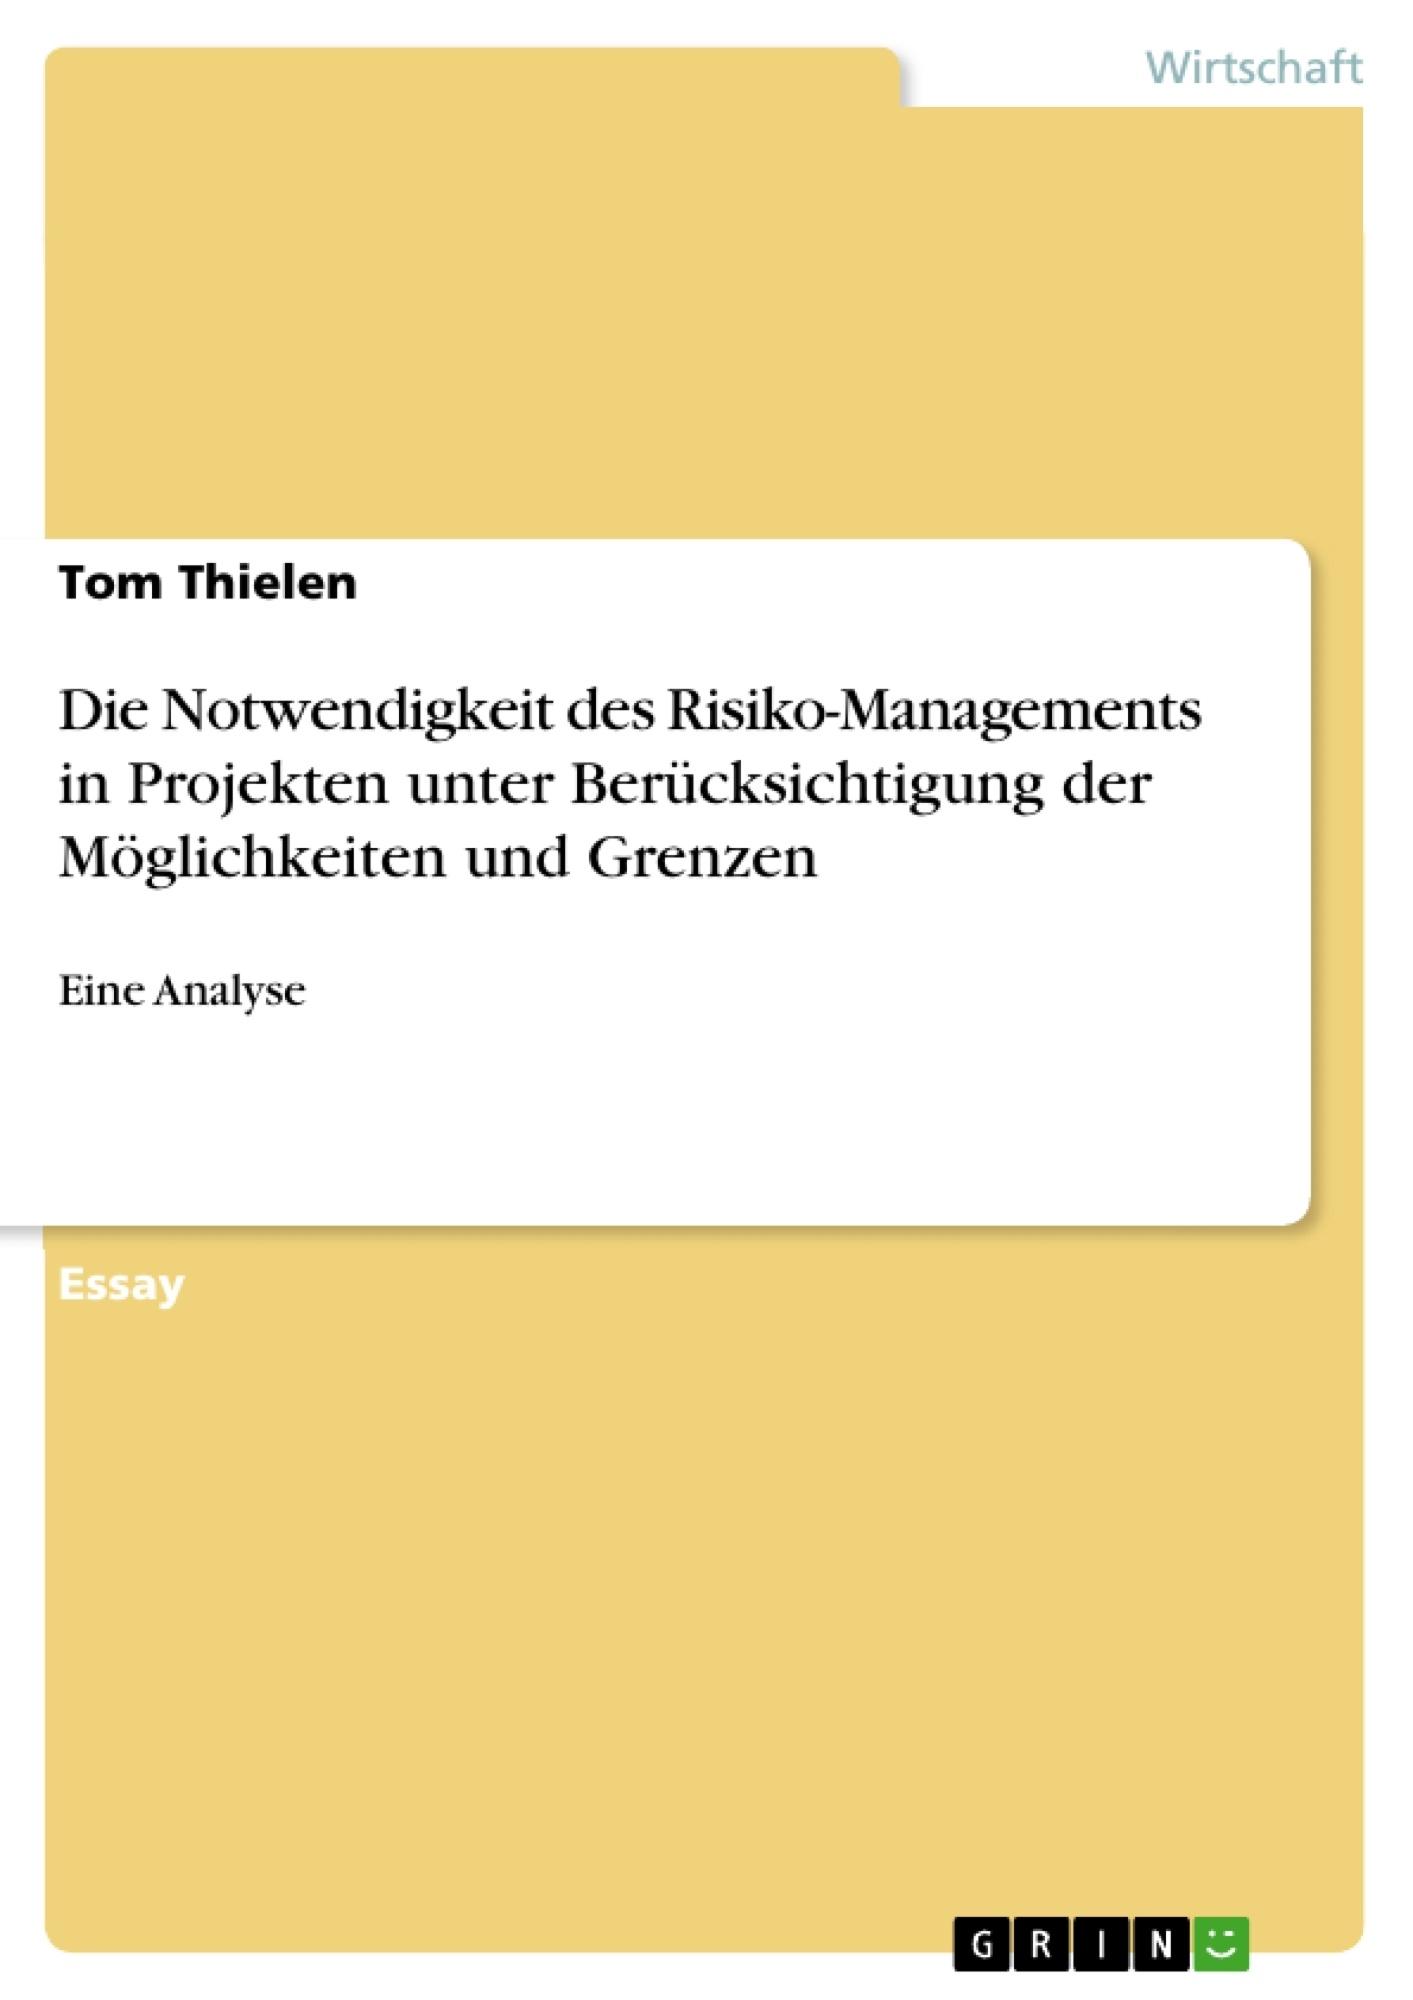 Titel: Die Notwendigkeit des Risiko-Managements in Projekten unter Berücksichtigung der Möglichkeiten und Grenzen